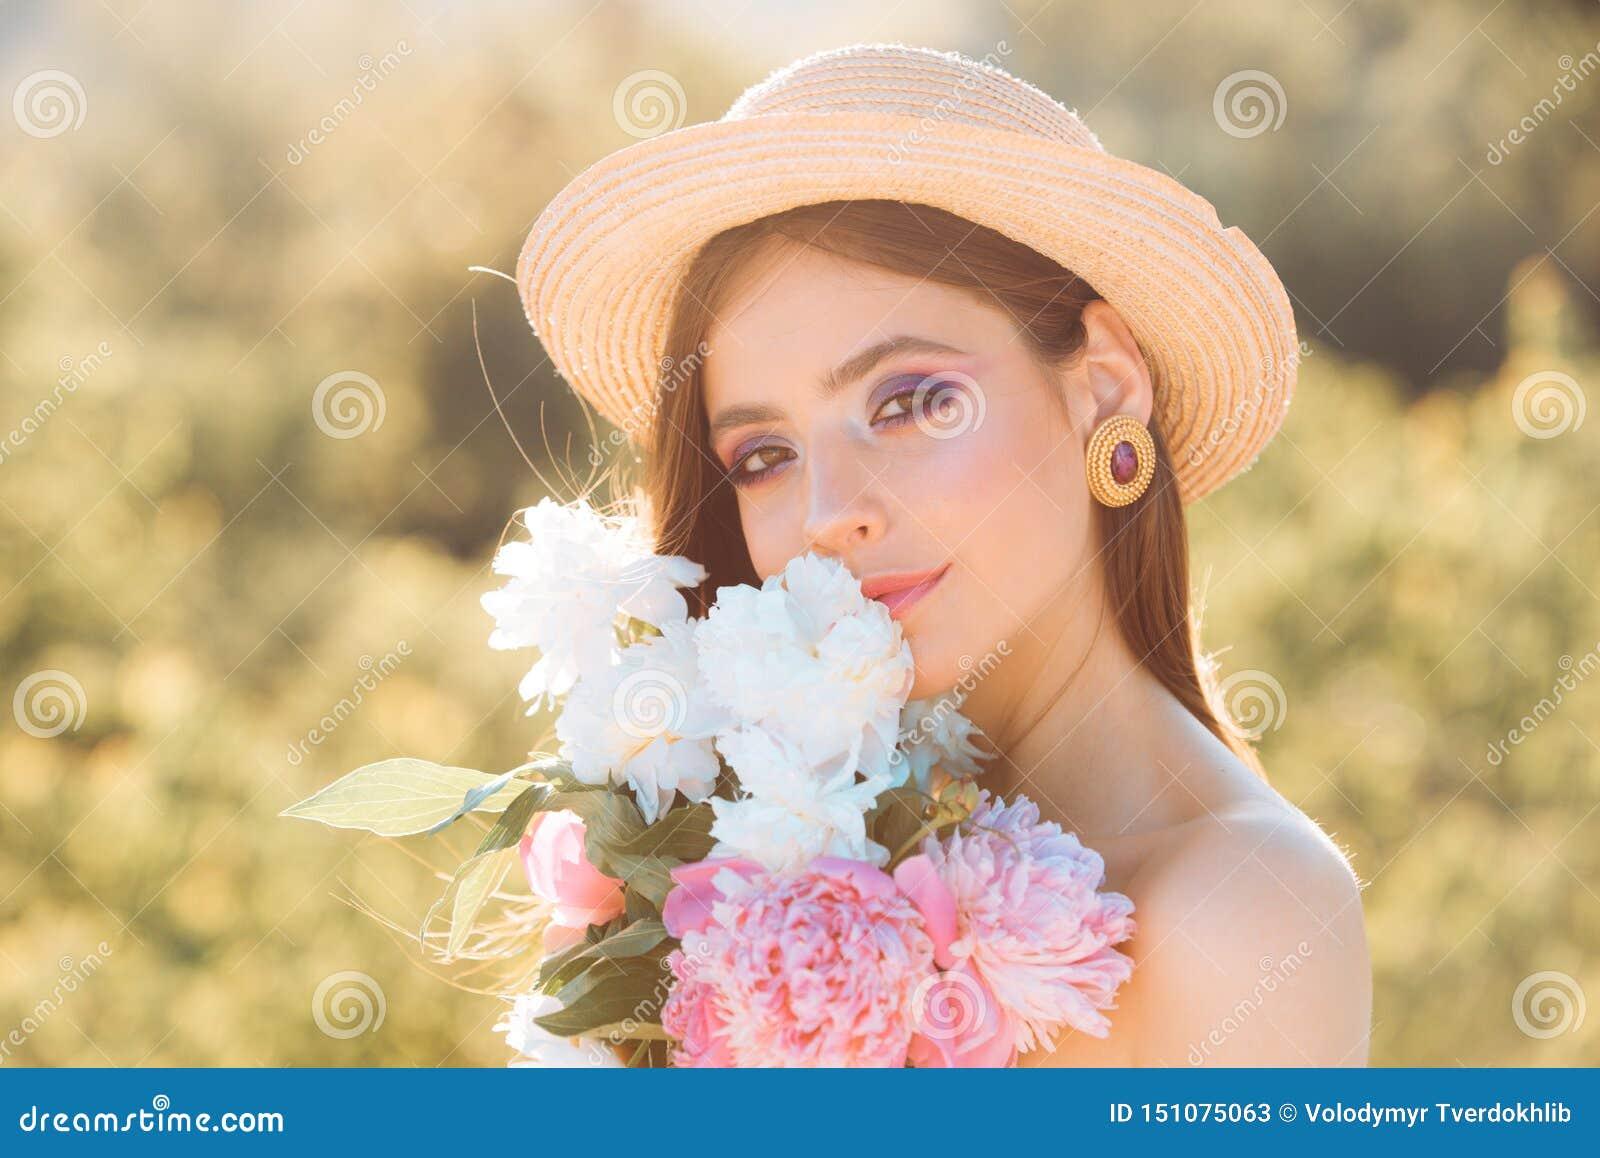 Verano caliente Terapia natural de la belleza y del balneario Muchacha del verano con el pelo largo Mujer del resorte Primavera y